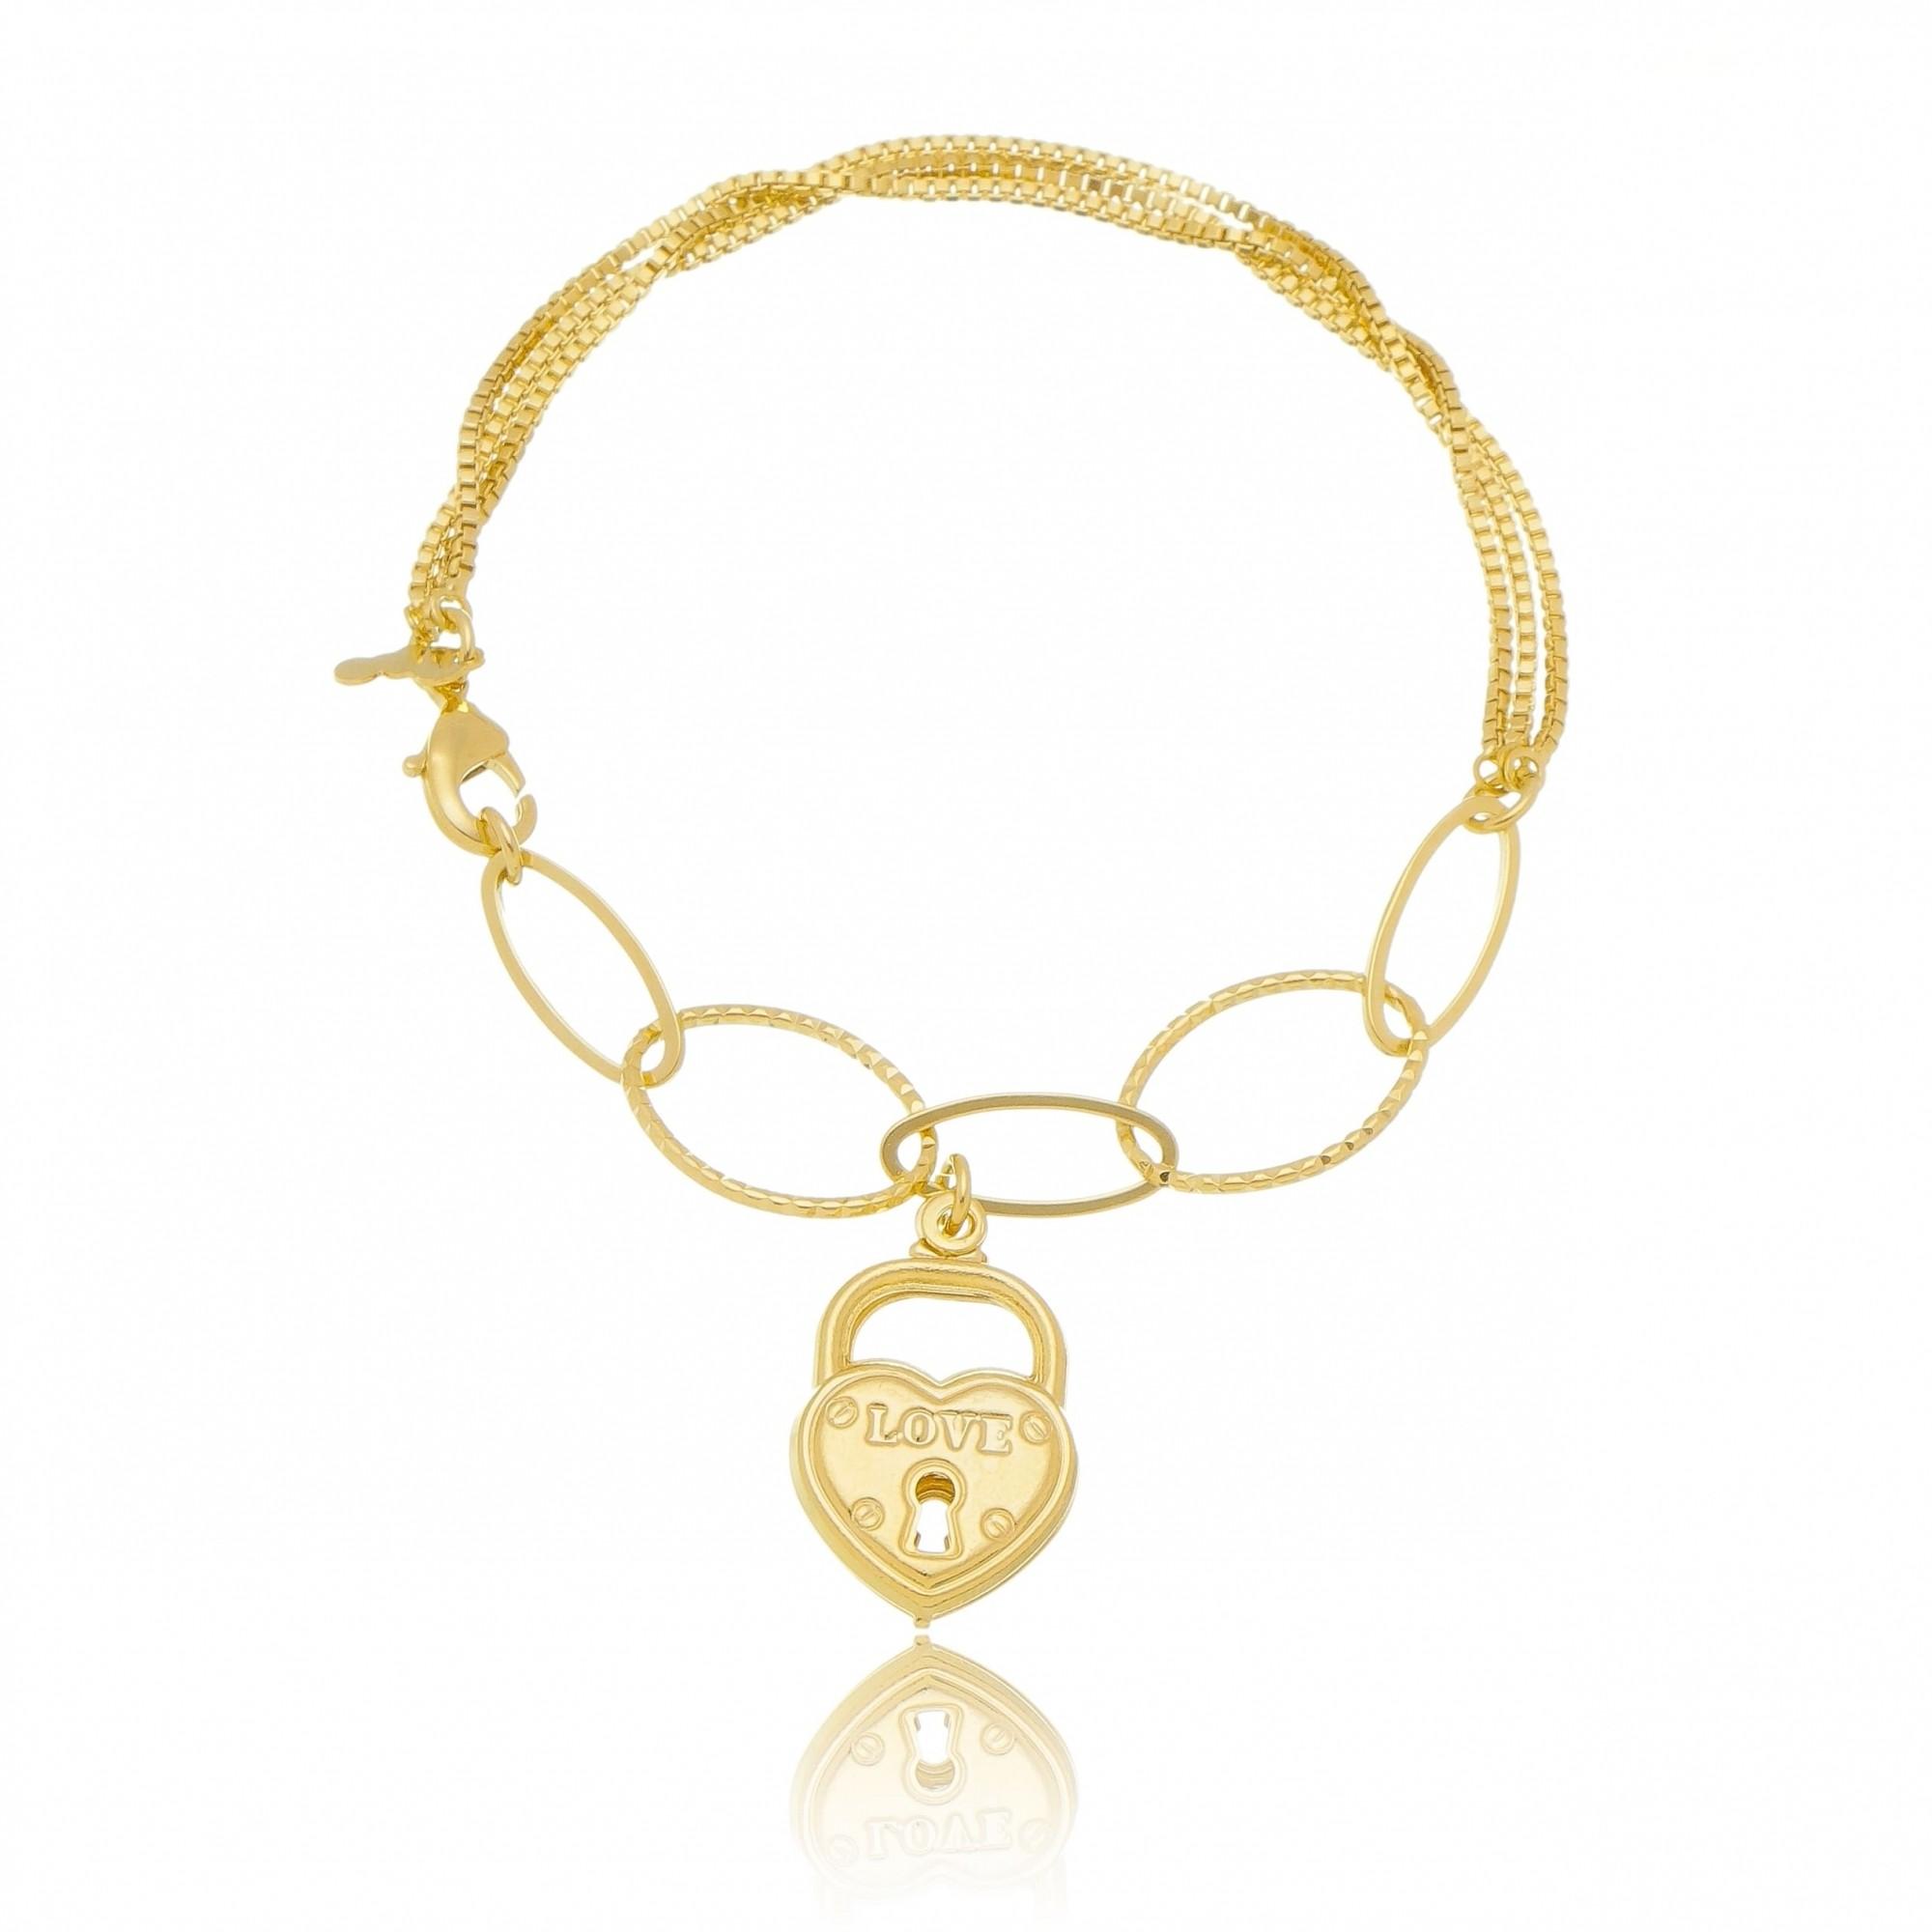 Pulseira Elos com Pingente de Cadeado de Coração Folheado em Ouro 18k - Giro Semijoias